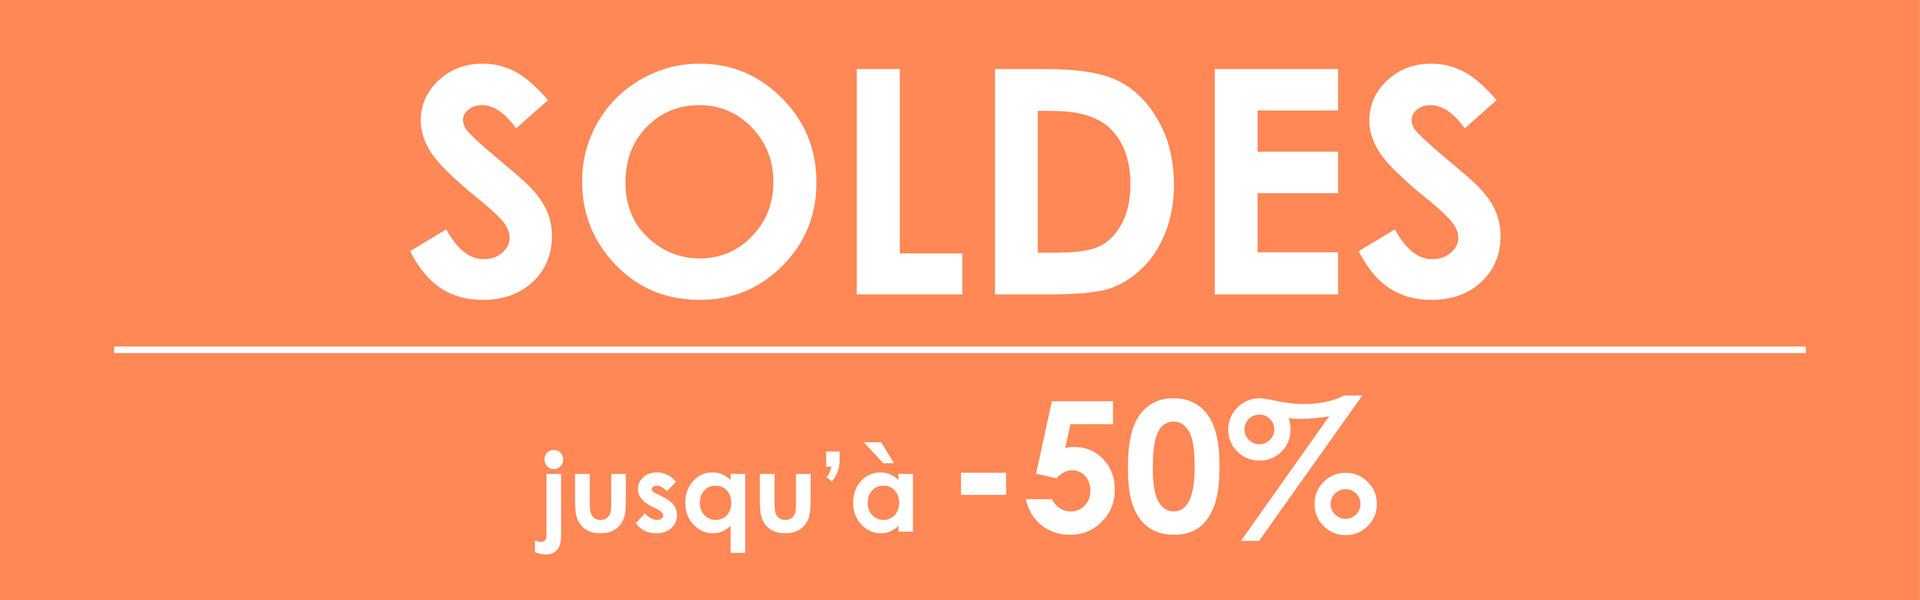 SOLDES E19